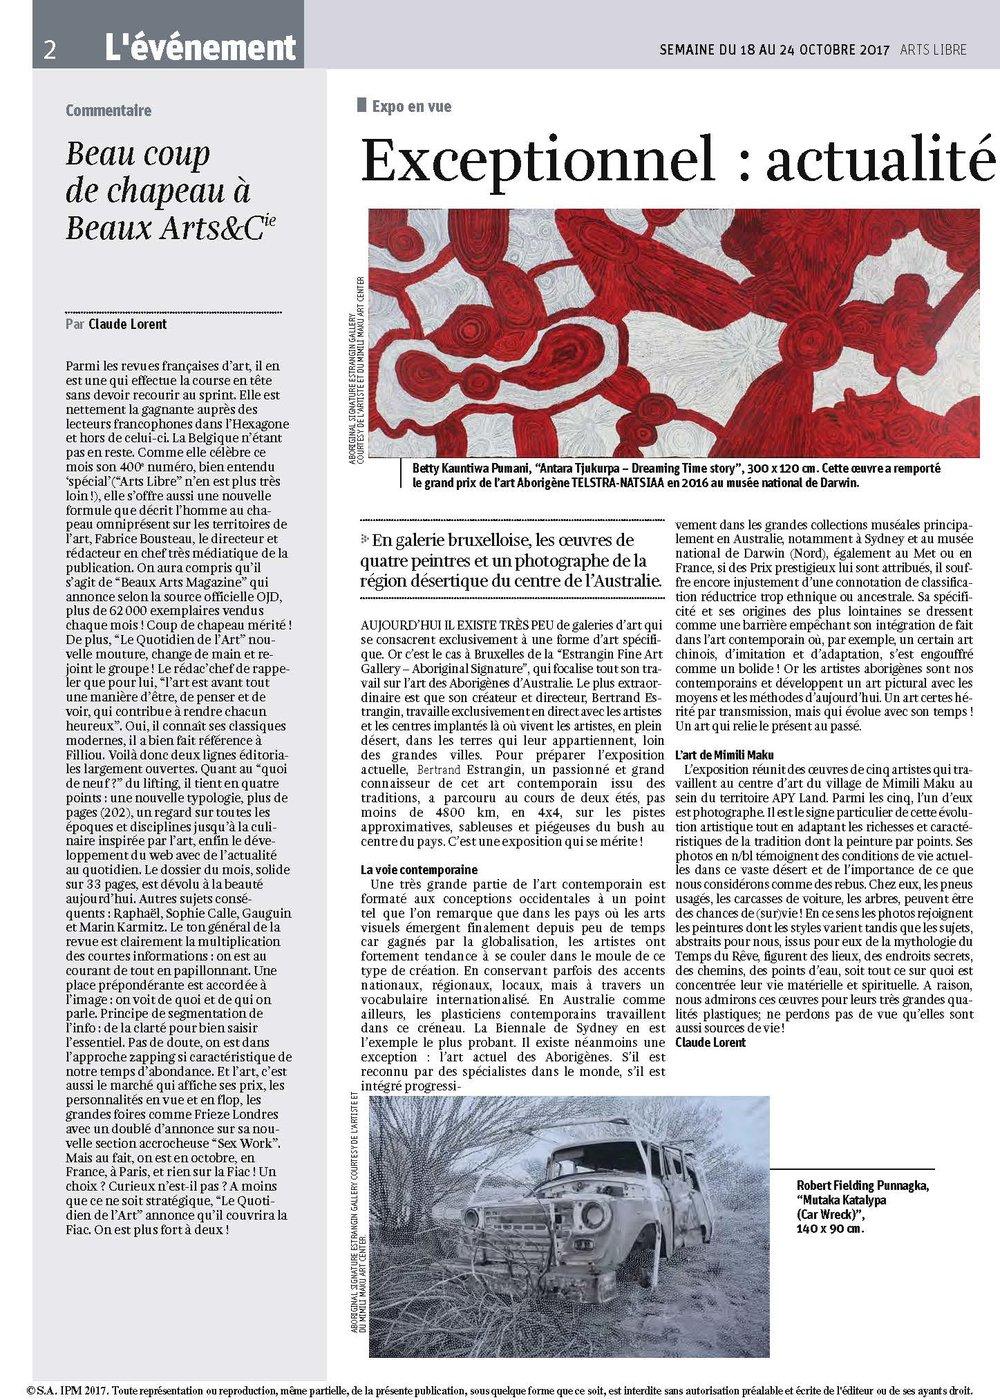 Arts-Libre-18-10-2017-Article-Mimili-Maku-m_Page_2.jpg